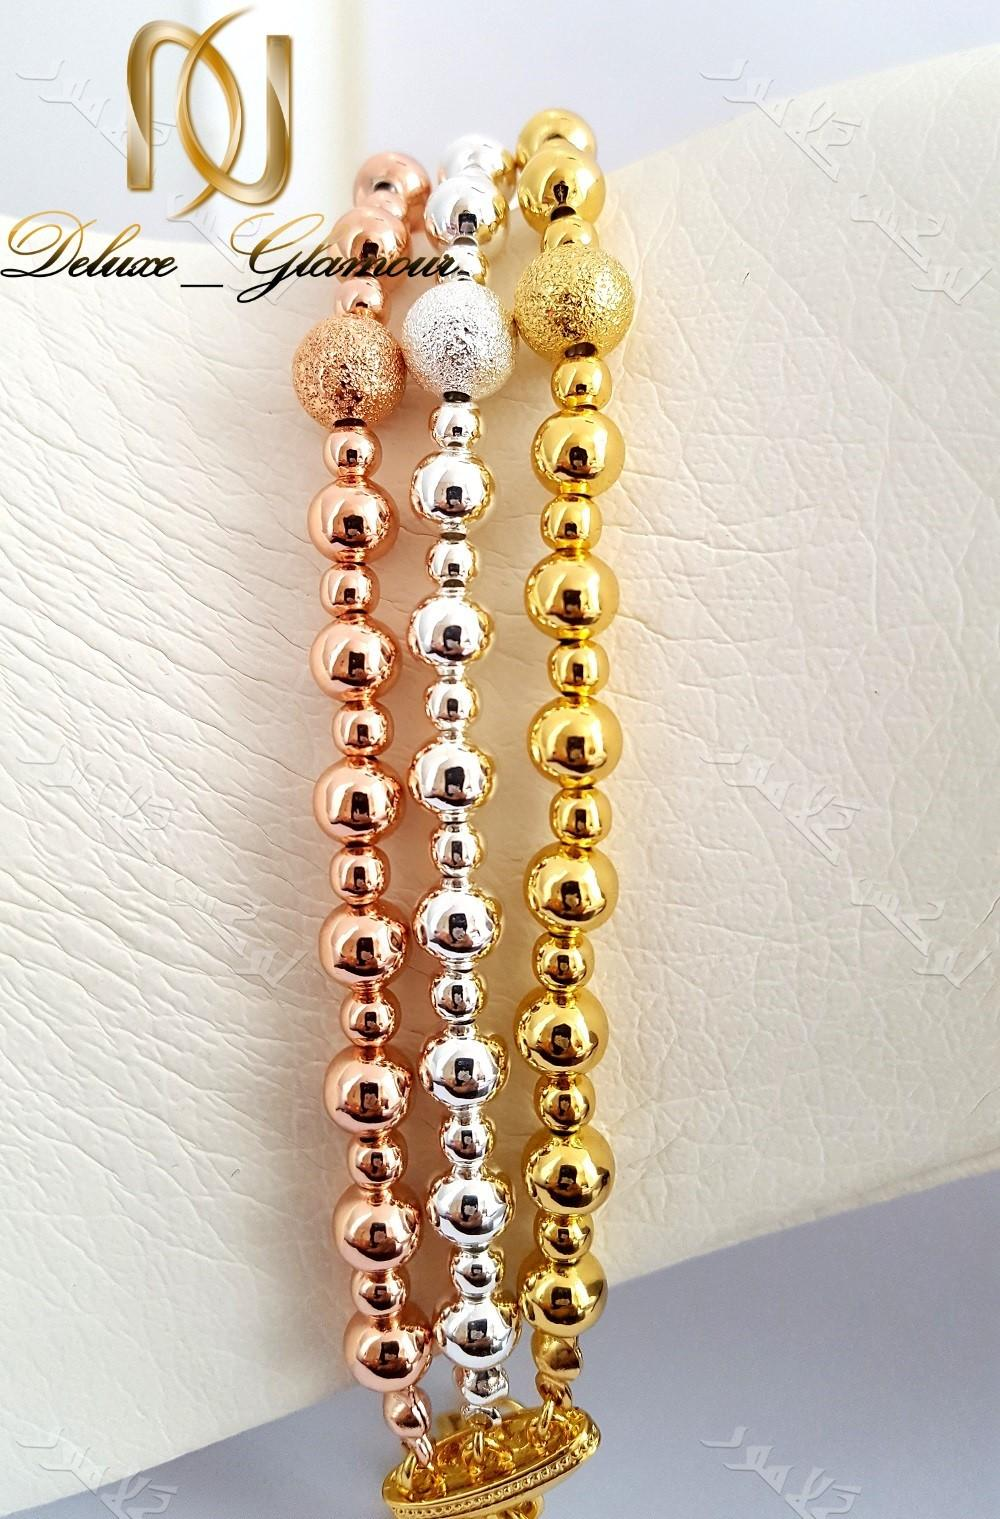 دستبند دخترانه سه ردیفه طرح توپی با سه ردیف رزگلد،طلایی و نقره ای کلیو Ds-n168 عکس اصلی